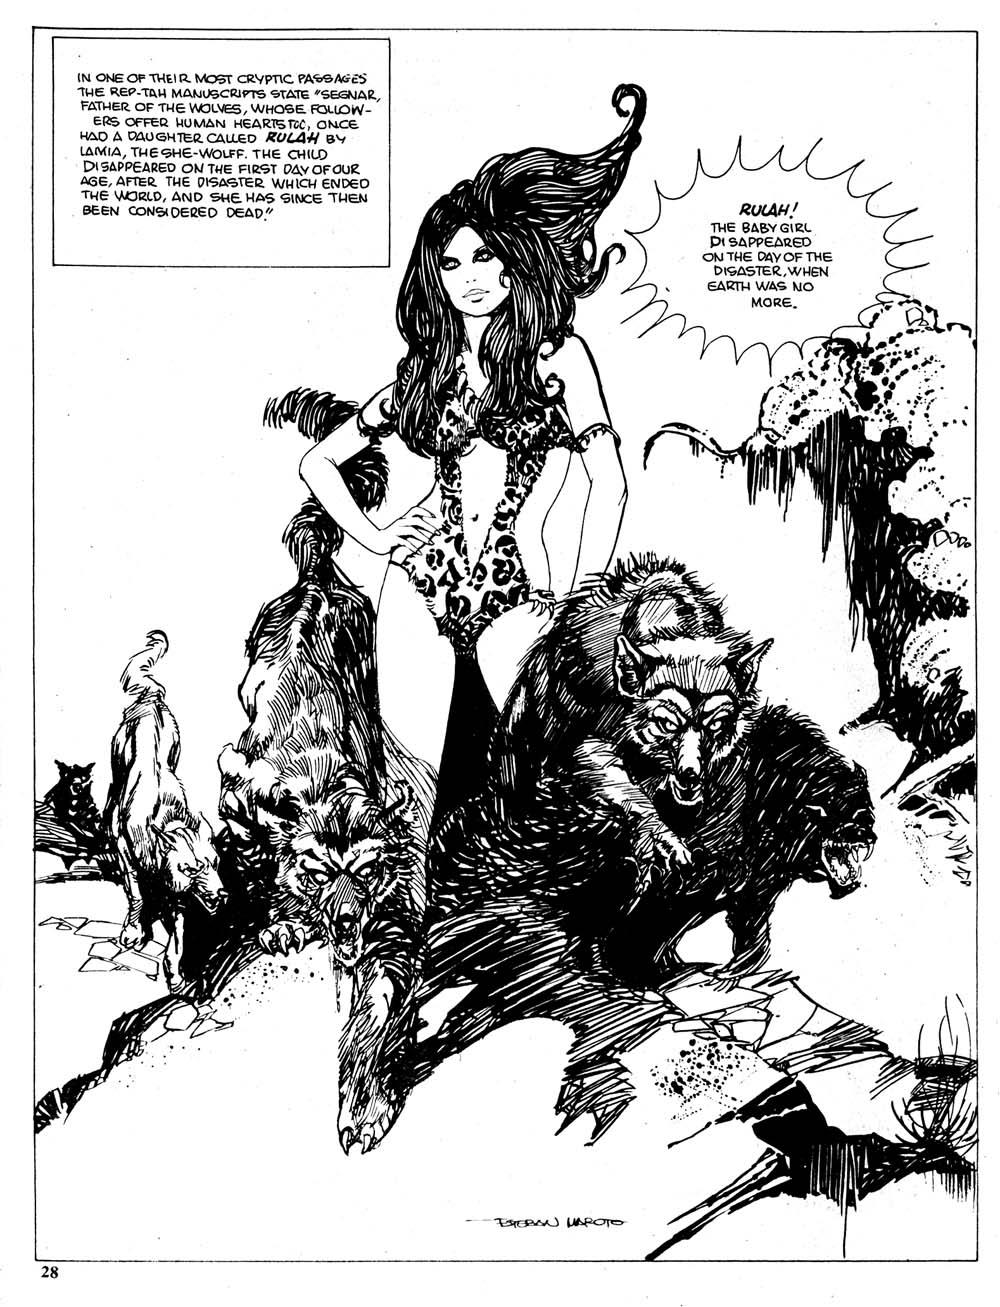 Cap'n's Comics: Estaban Maroto